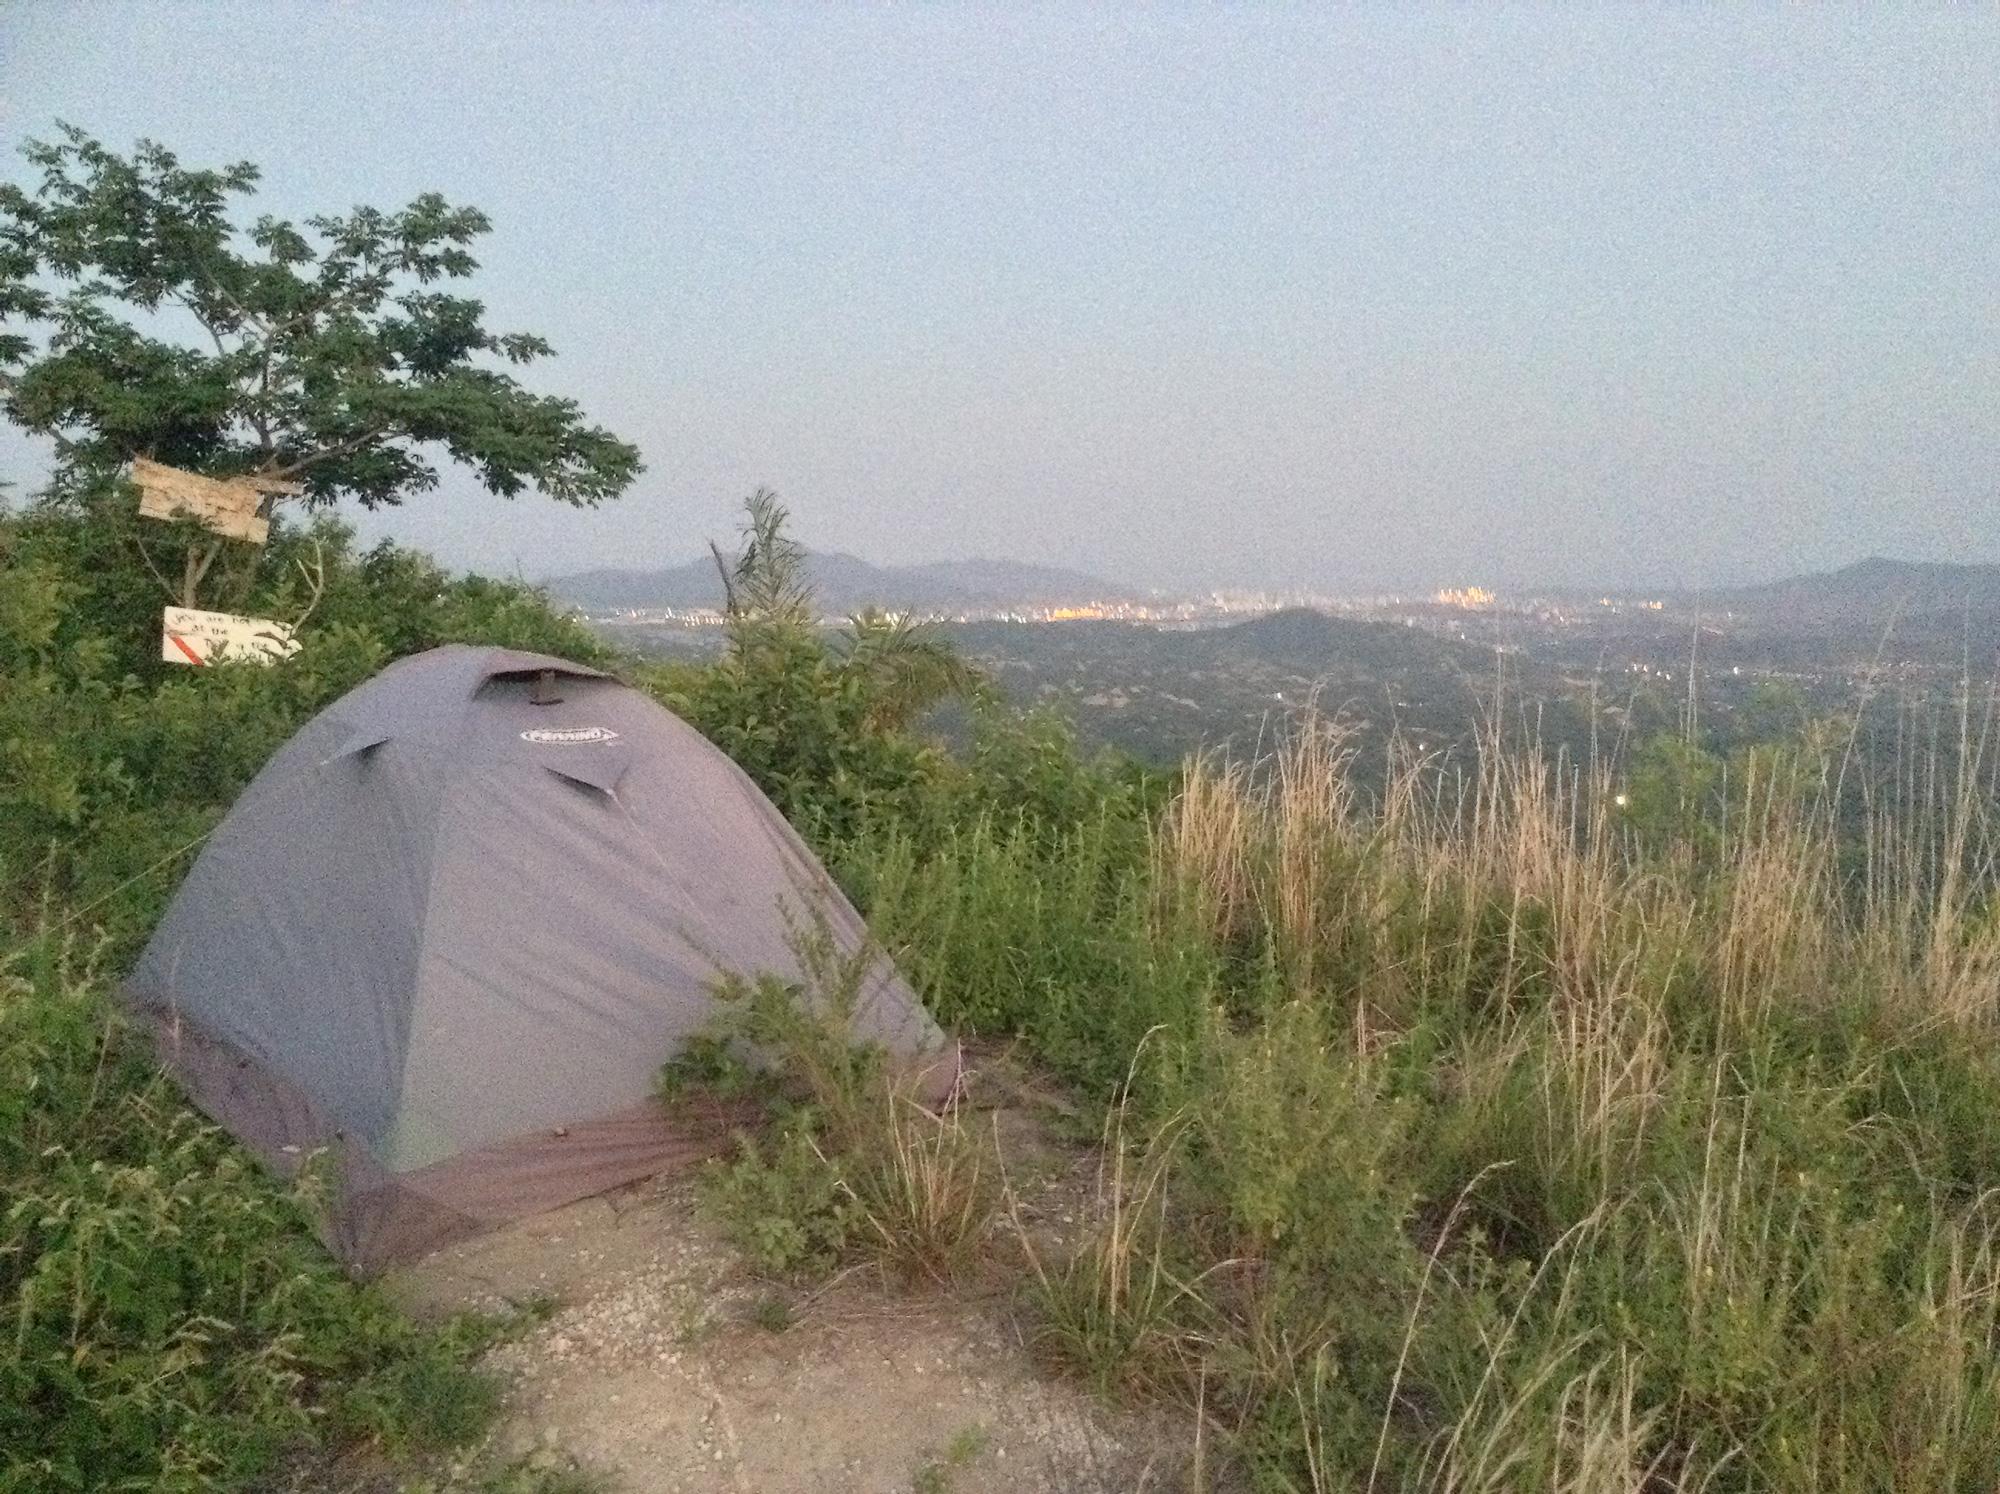 Camping at the Santa Marta viewpoint